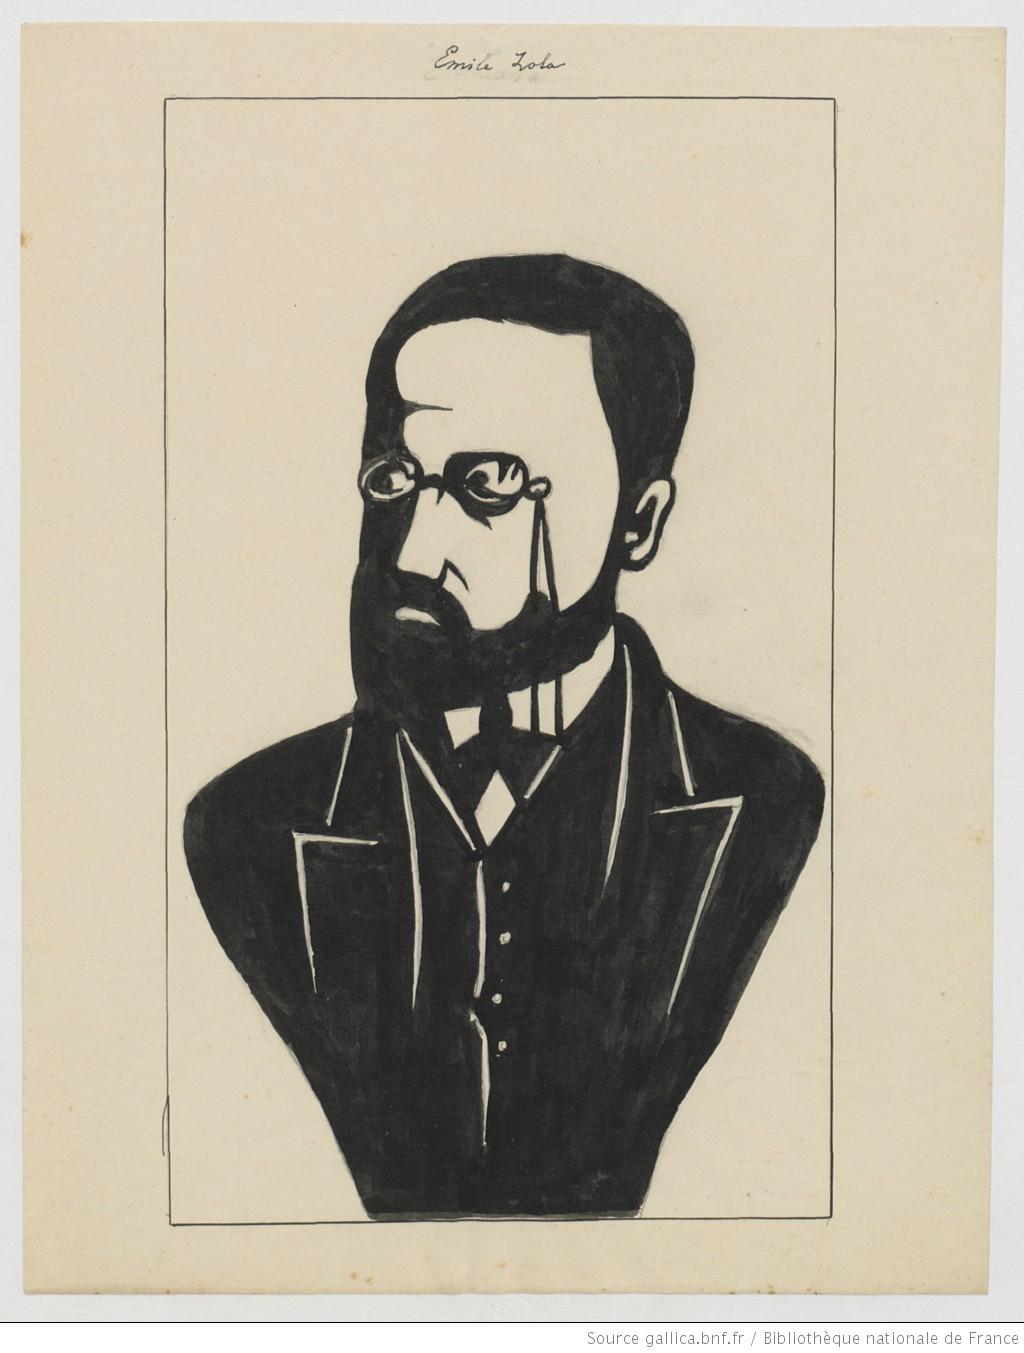 Biographie de Émile Zola